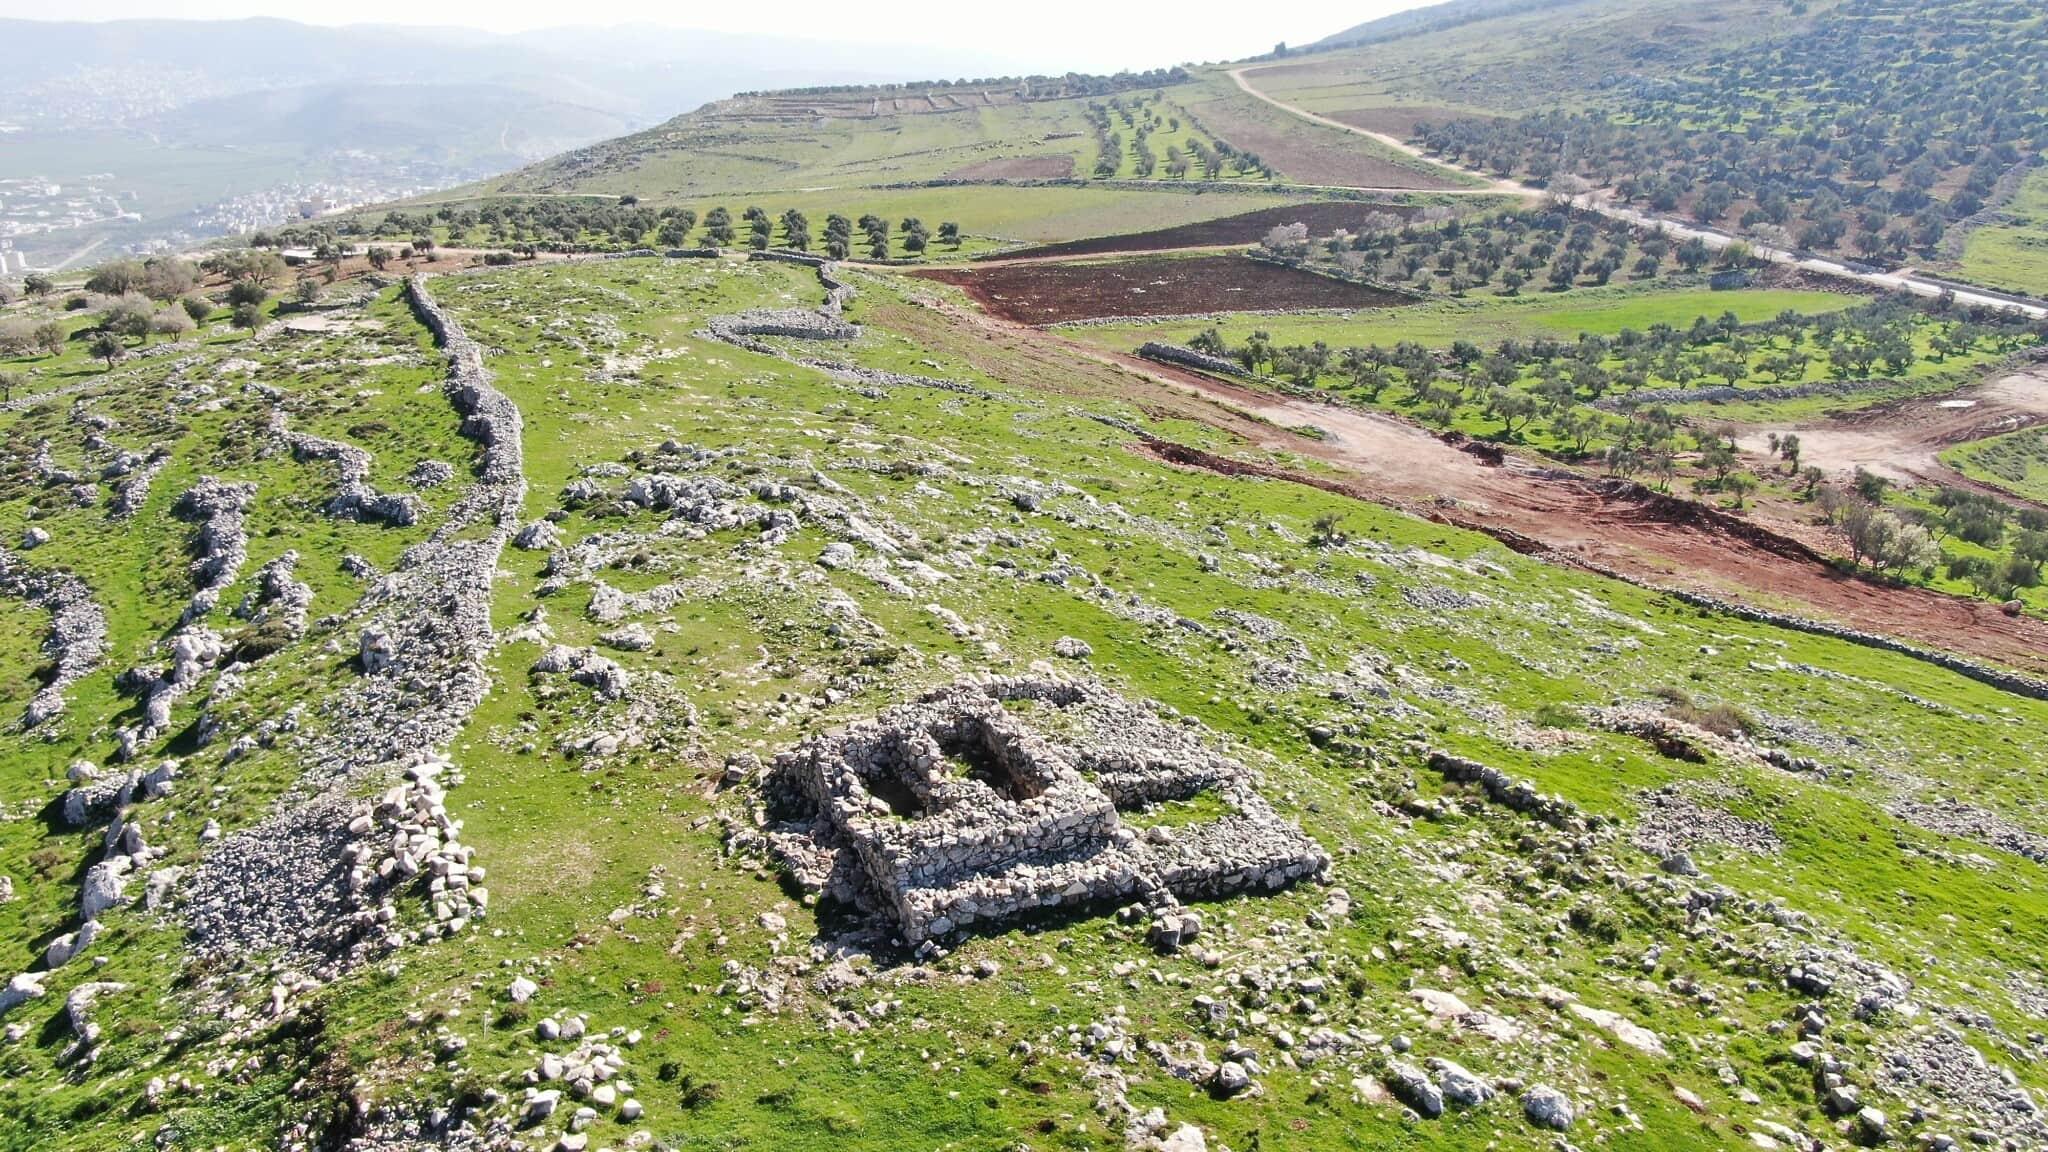 """מזבח יהושע"""" באתר הארכיאולוגי בהר עיבל, 15 בפברואר 2021 (צילום: באדיבות """"שומרים על הנצח"""")"""